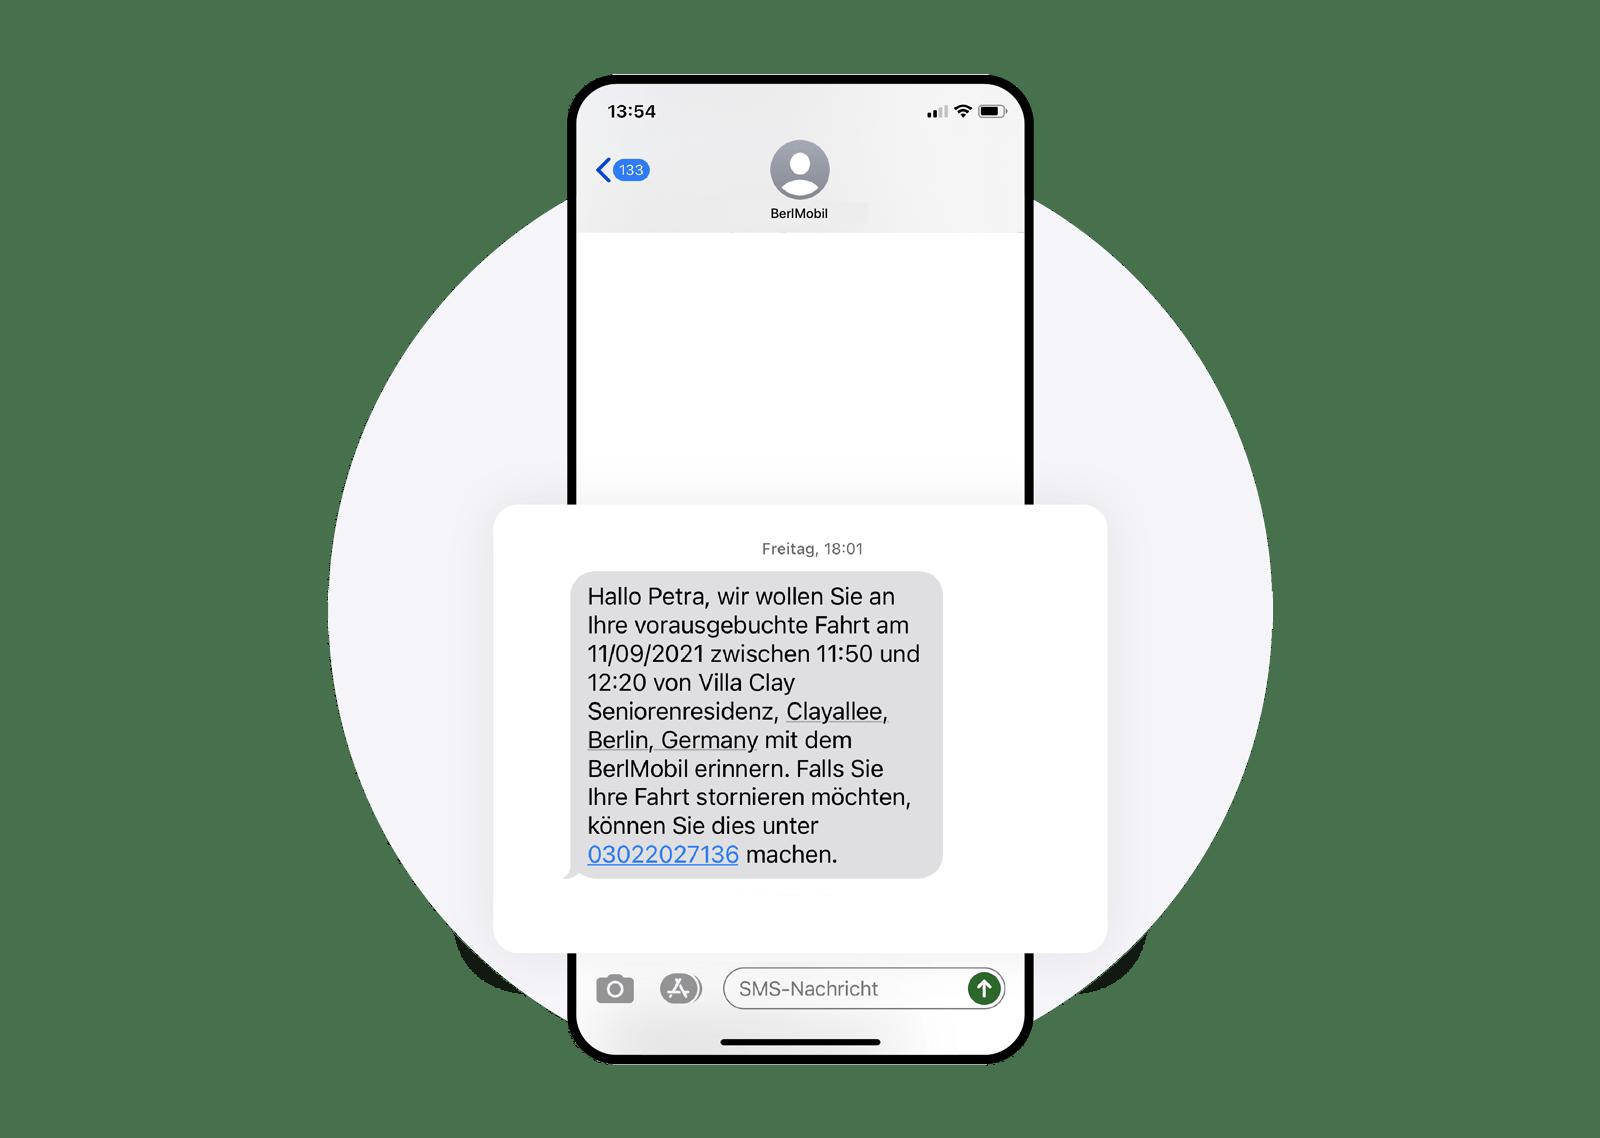 Ein Screenshot von einer SMS von BerlMobil über die Fahrtbestätigung